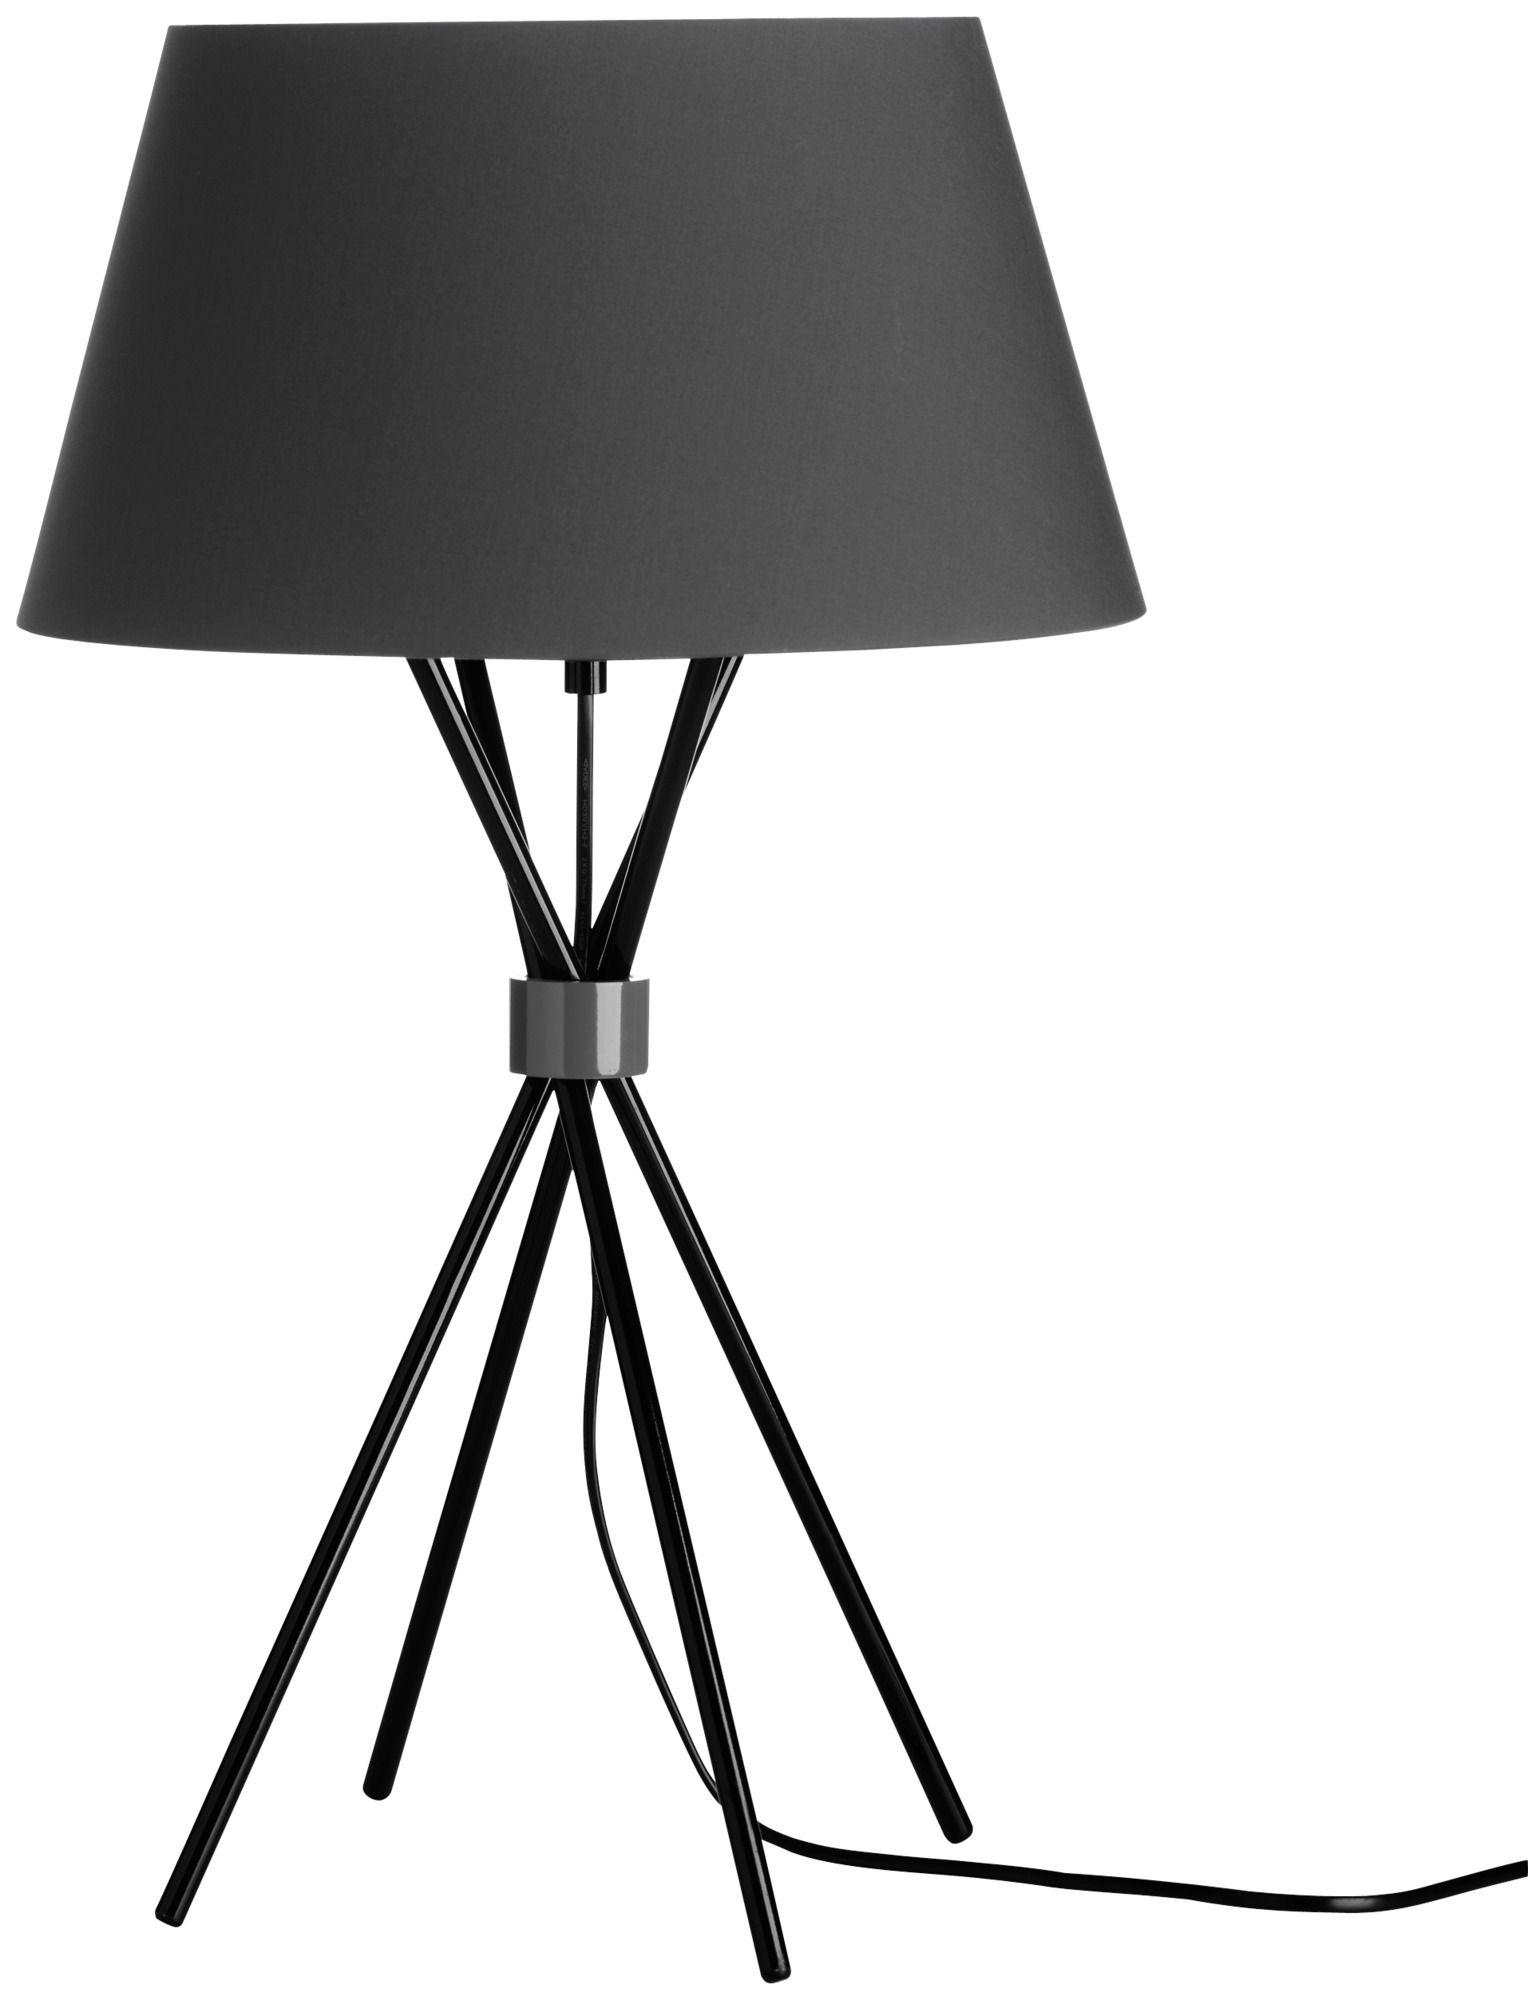 Moderne Designer Lampen online kaufen   BoConcept®   Lamp ...